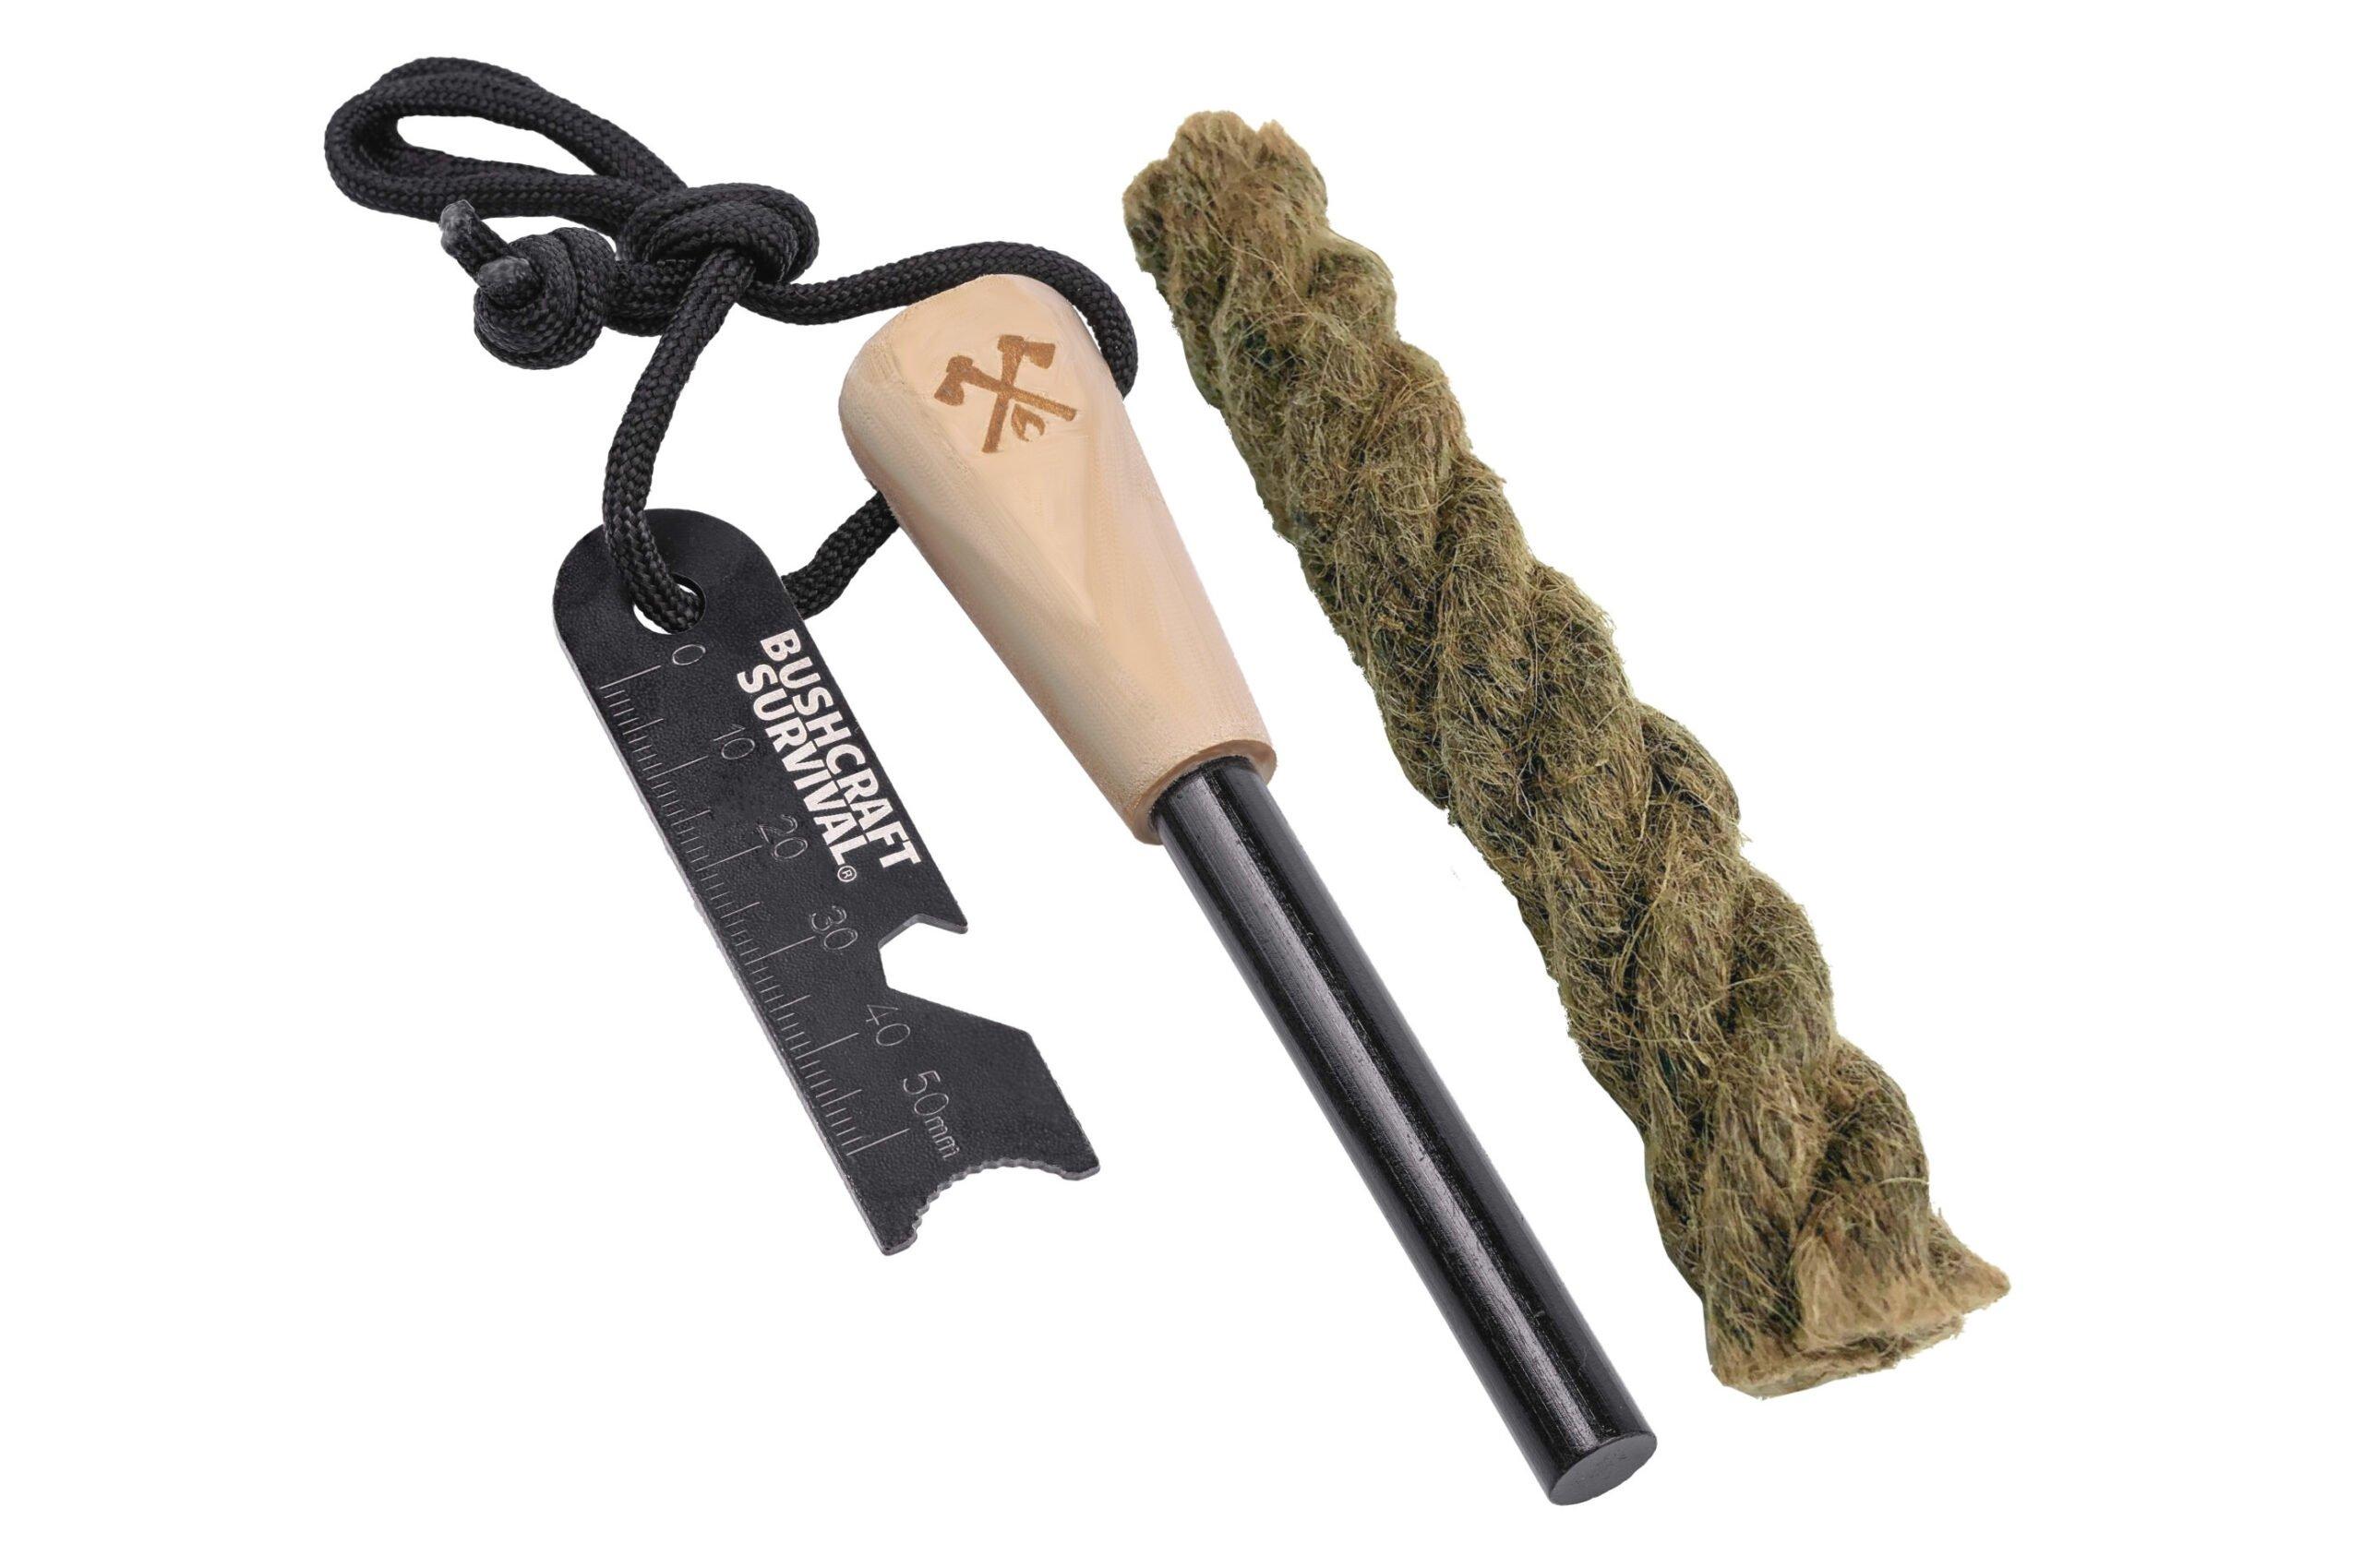 Bushcraft Survival Ferro Rod + Fire Starting Rope Survival Kit – $17.95 USD